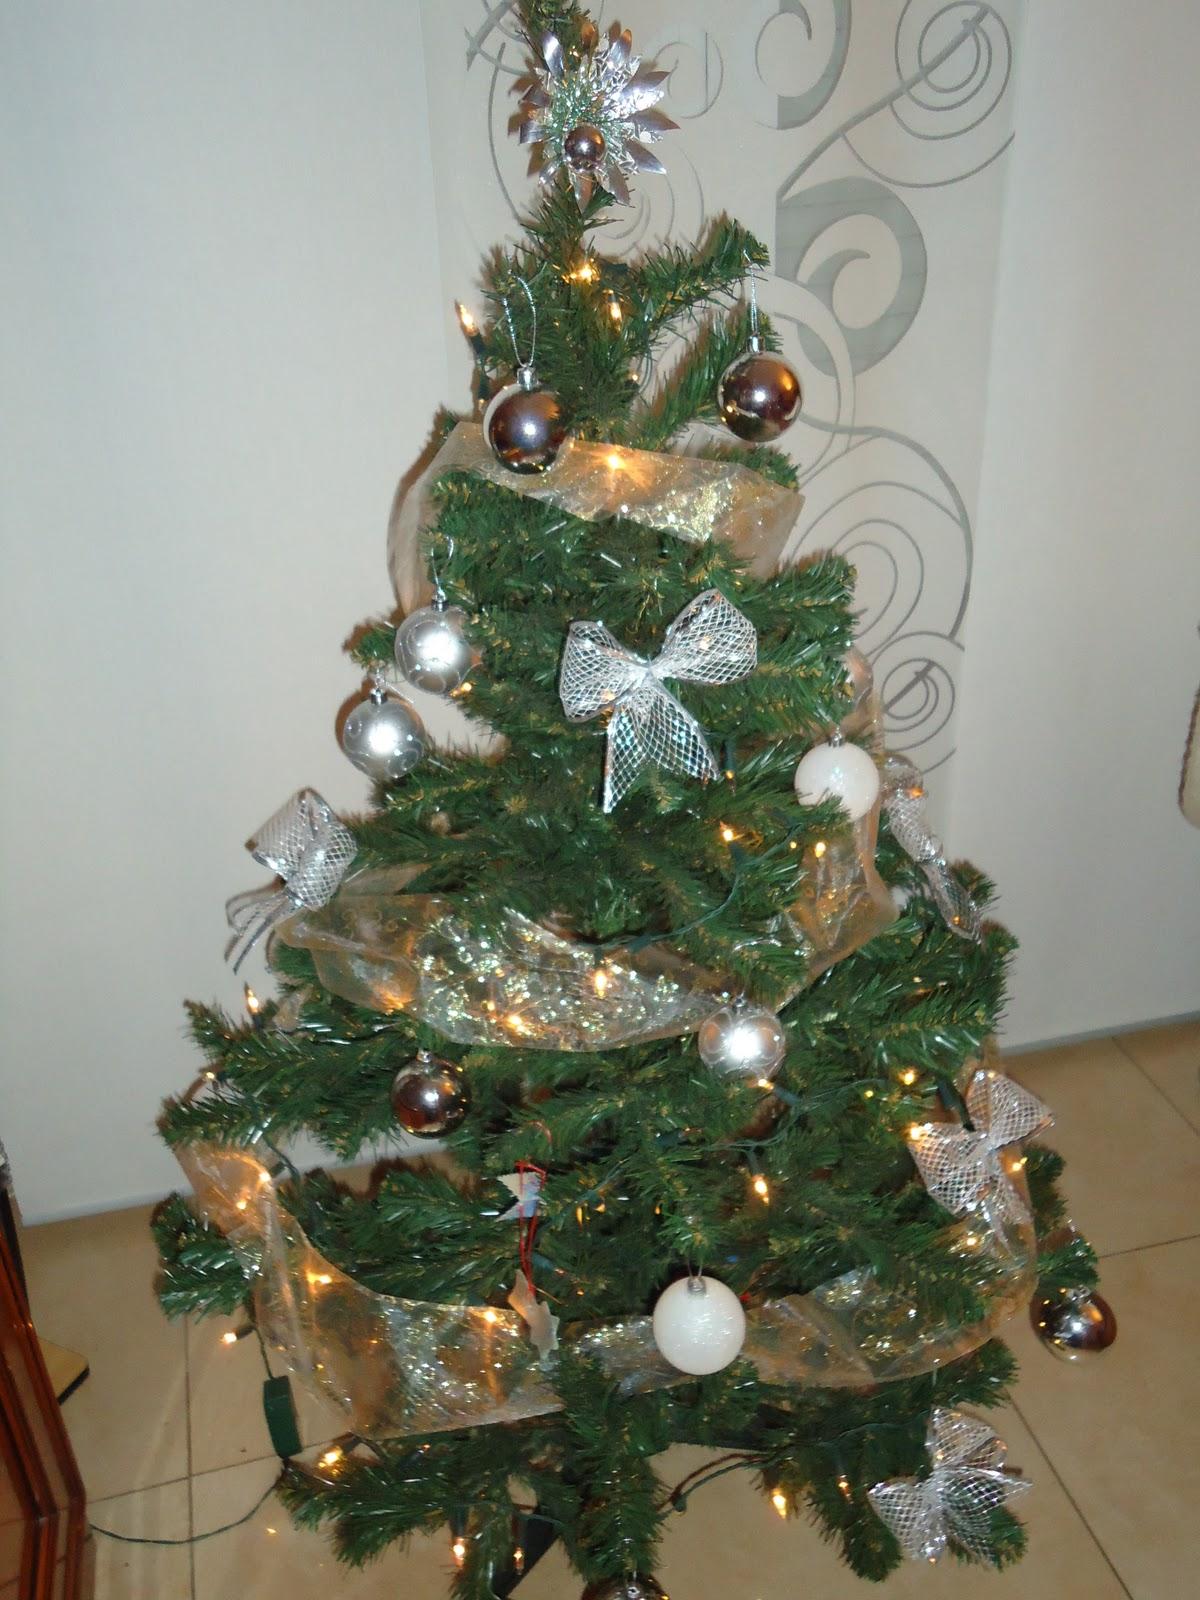 Martalaura como decorar un arbol de navidad - Como adornar arbol de navidad ...